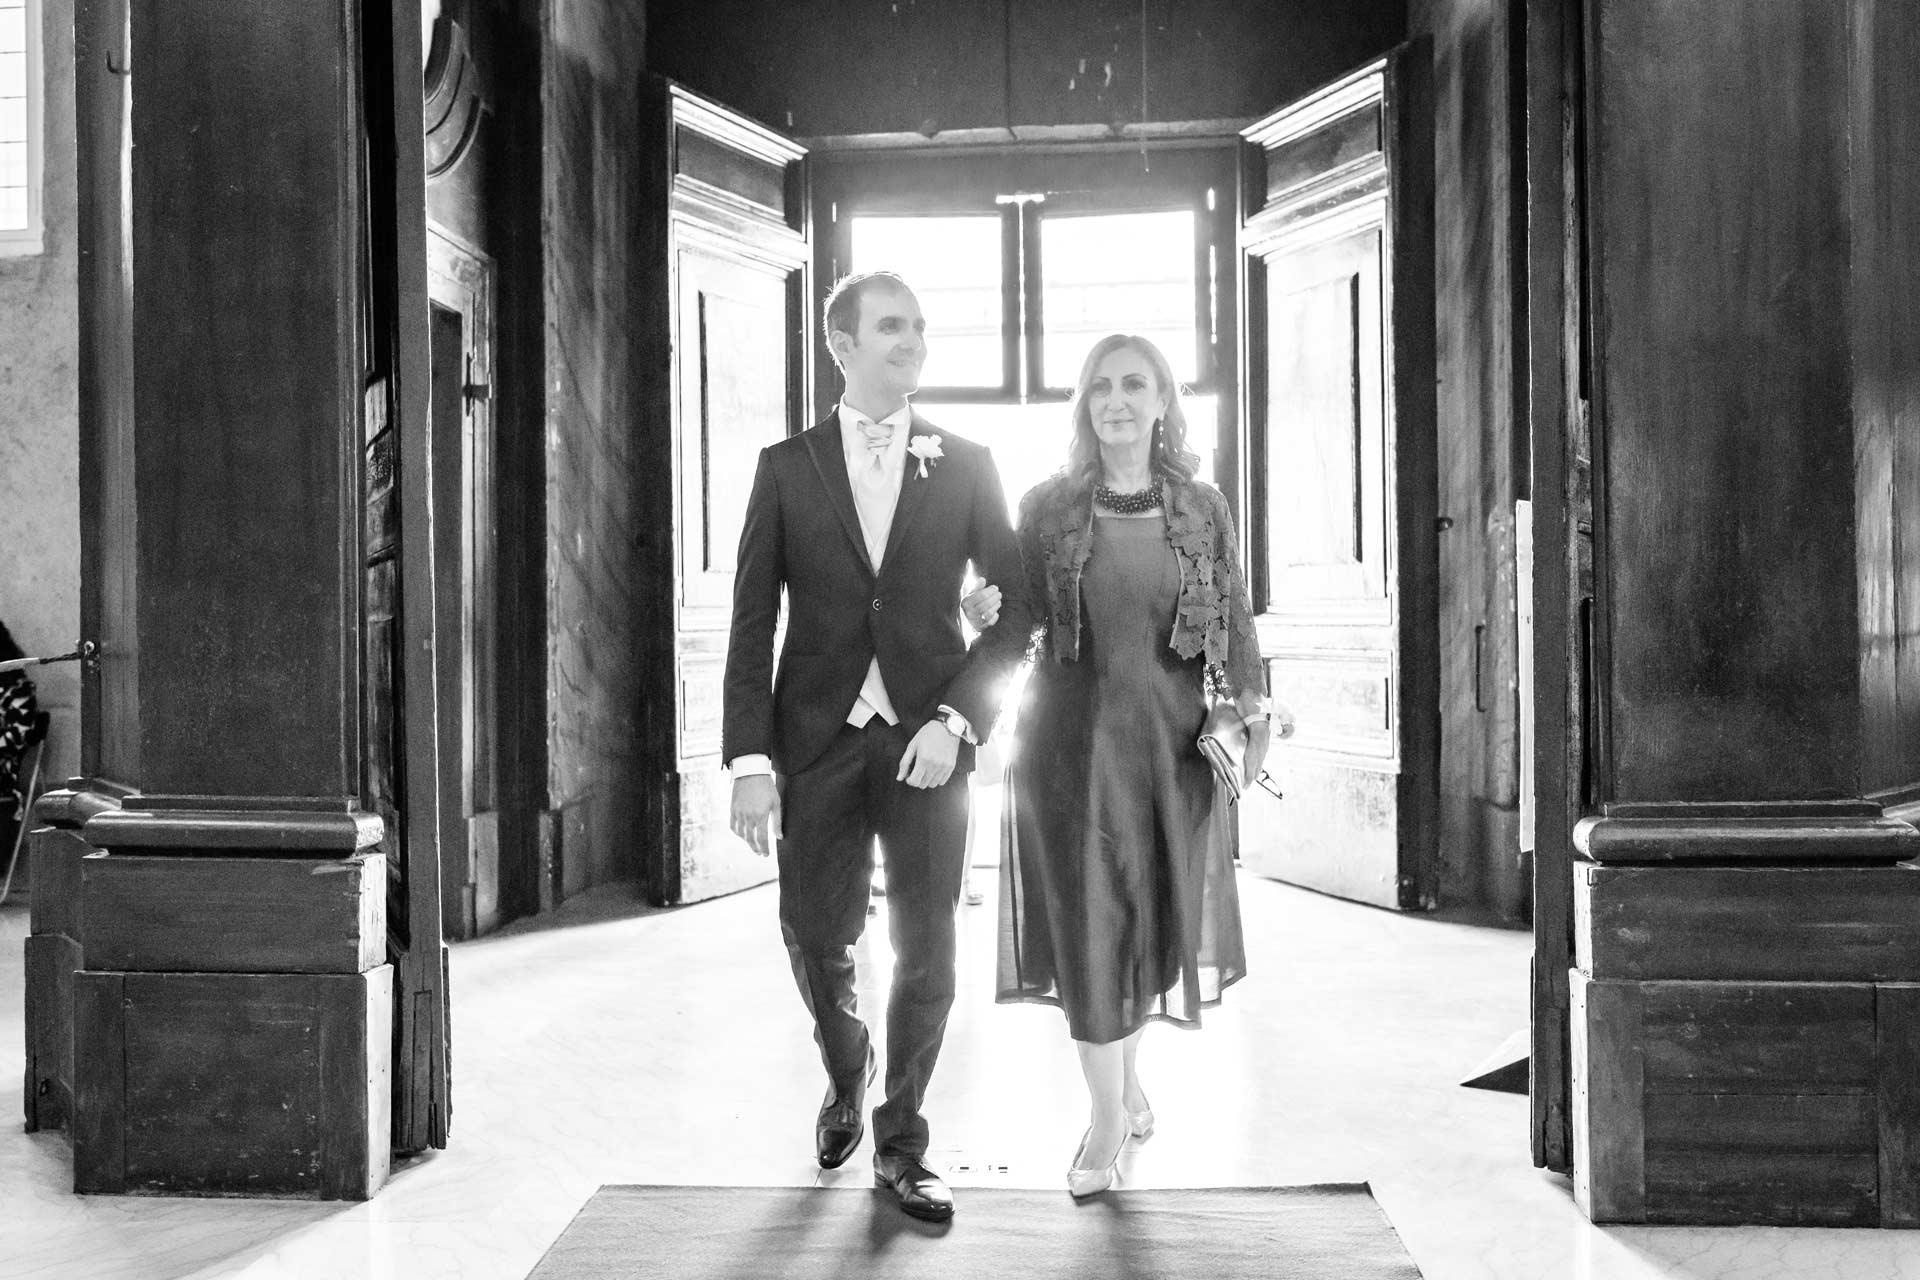 fotografo-matrimonio-roma-9-C&M-simone-nunzi